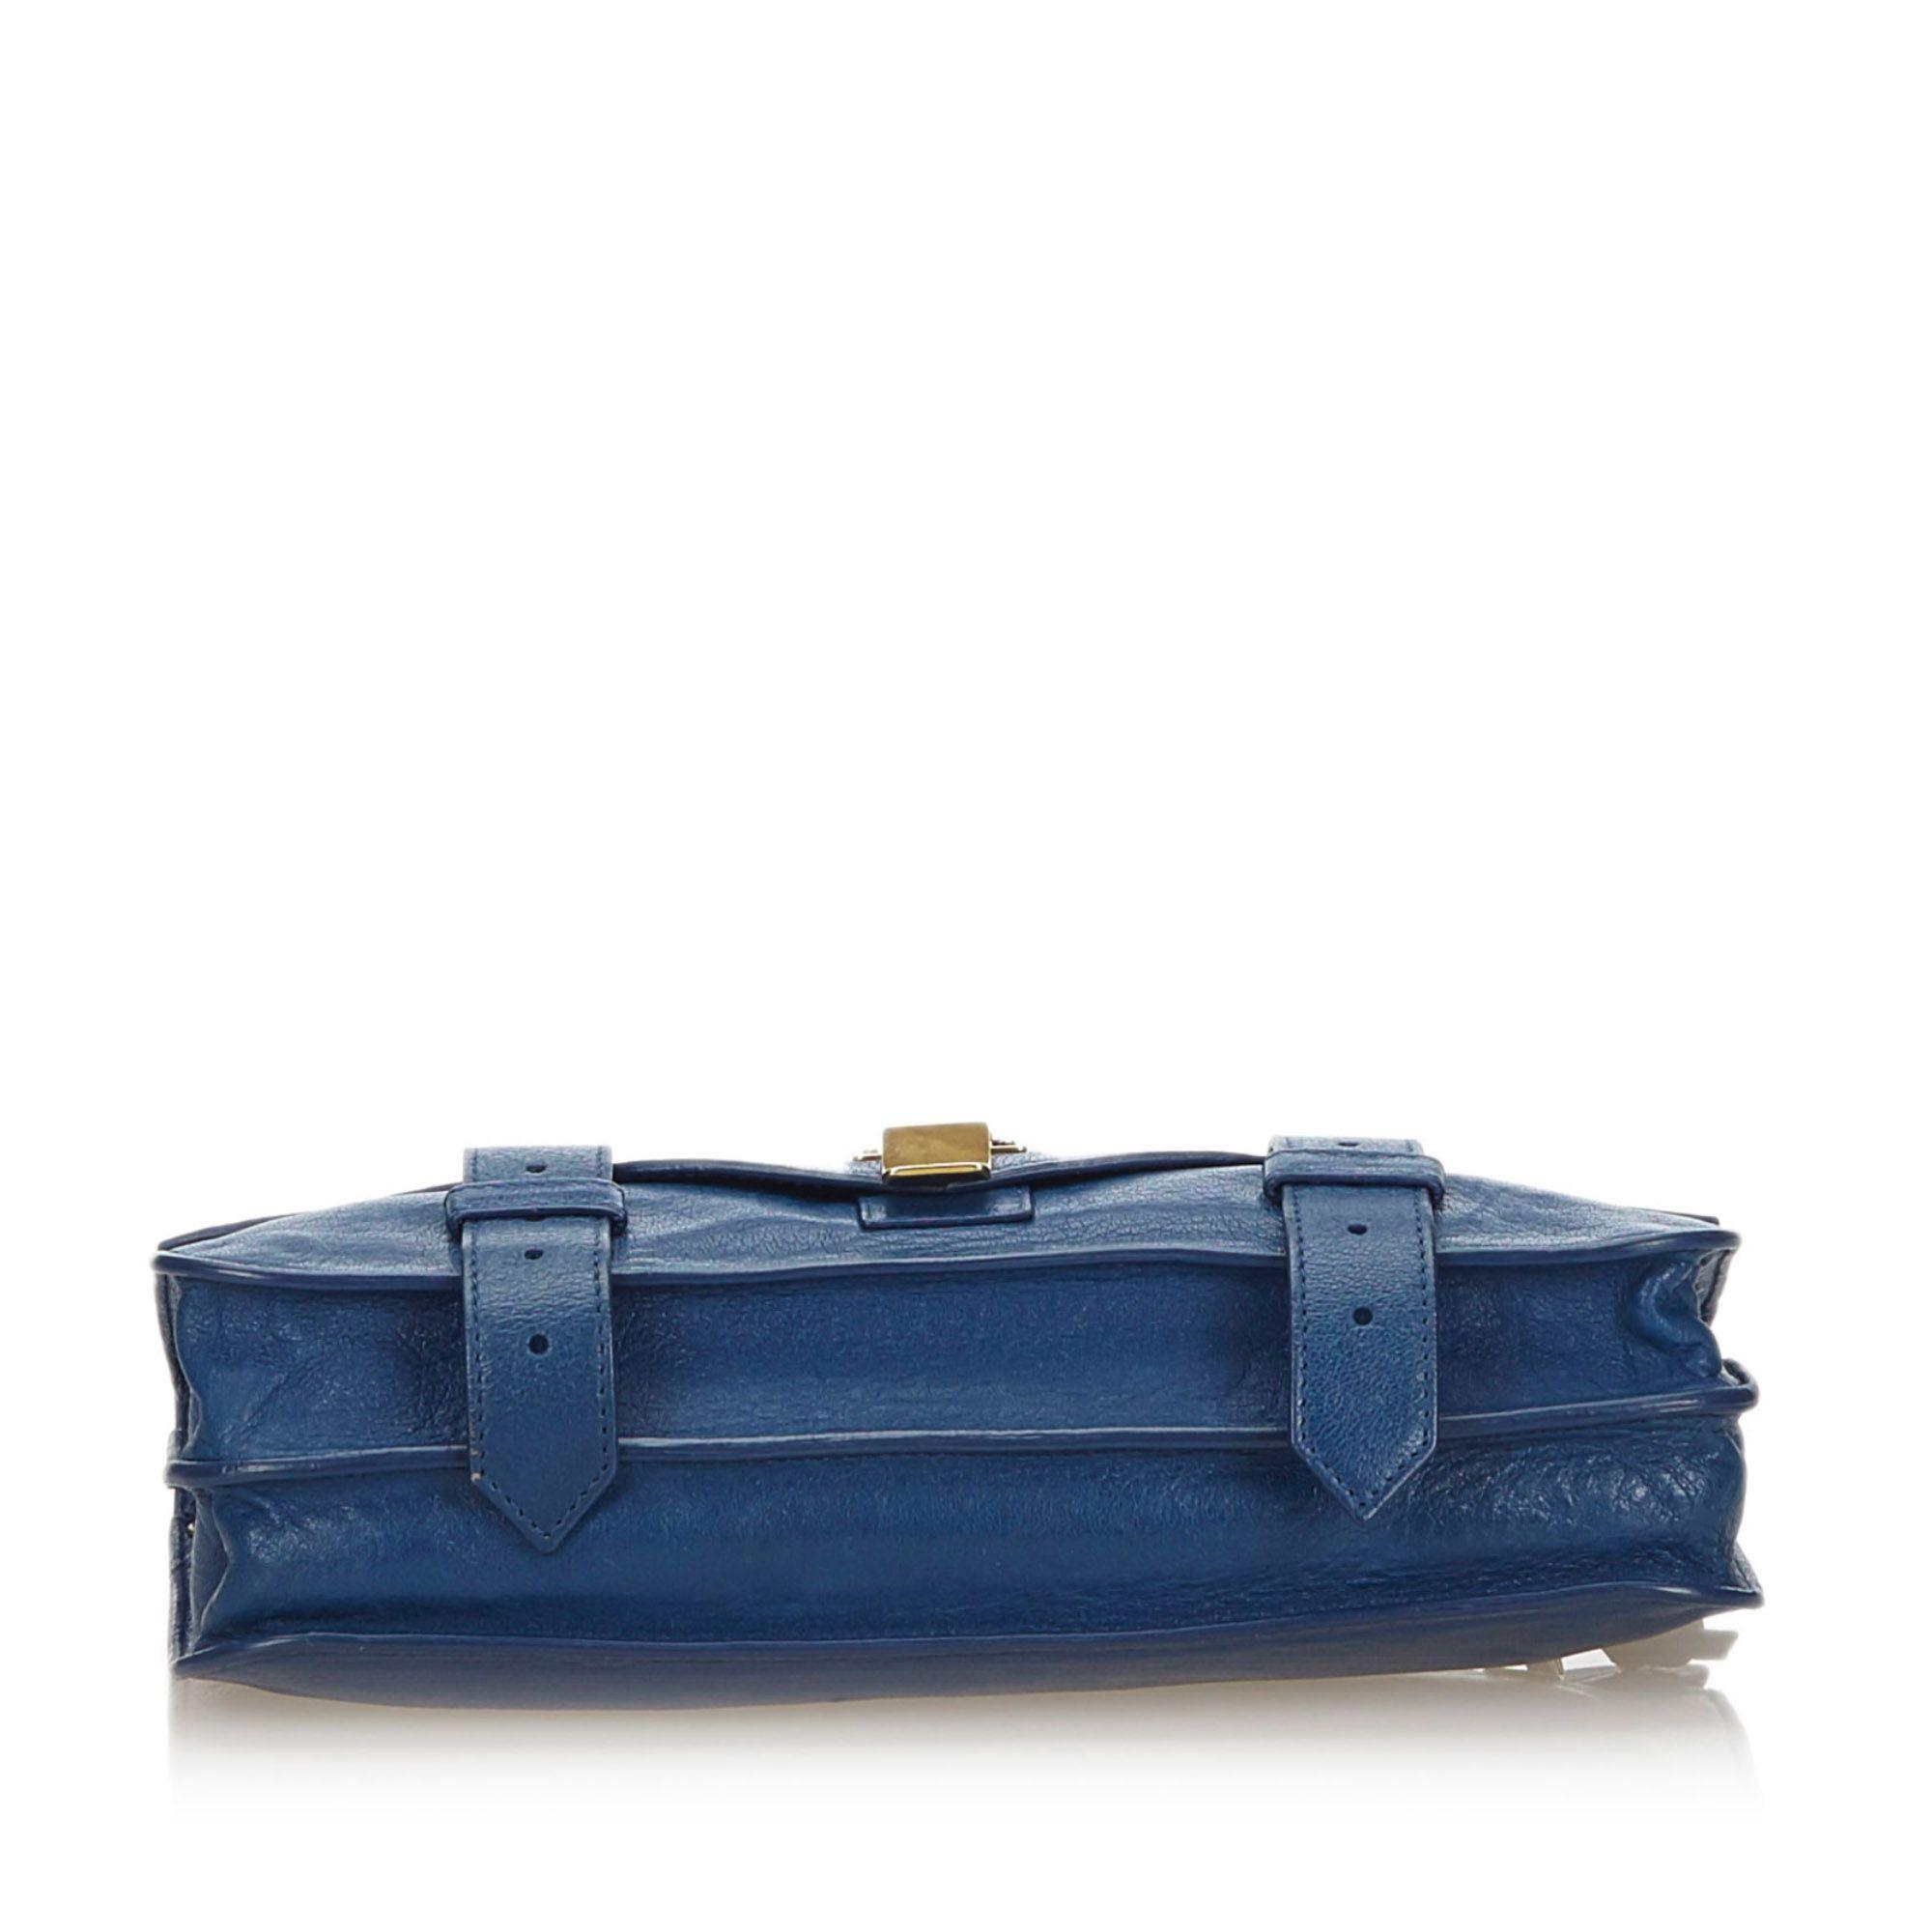 Vintage Proenza Schouler Leather PS1 Pochette Clutch Blue